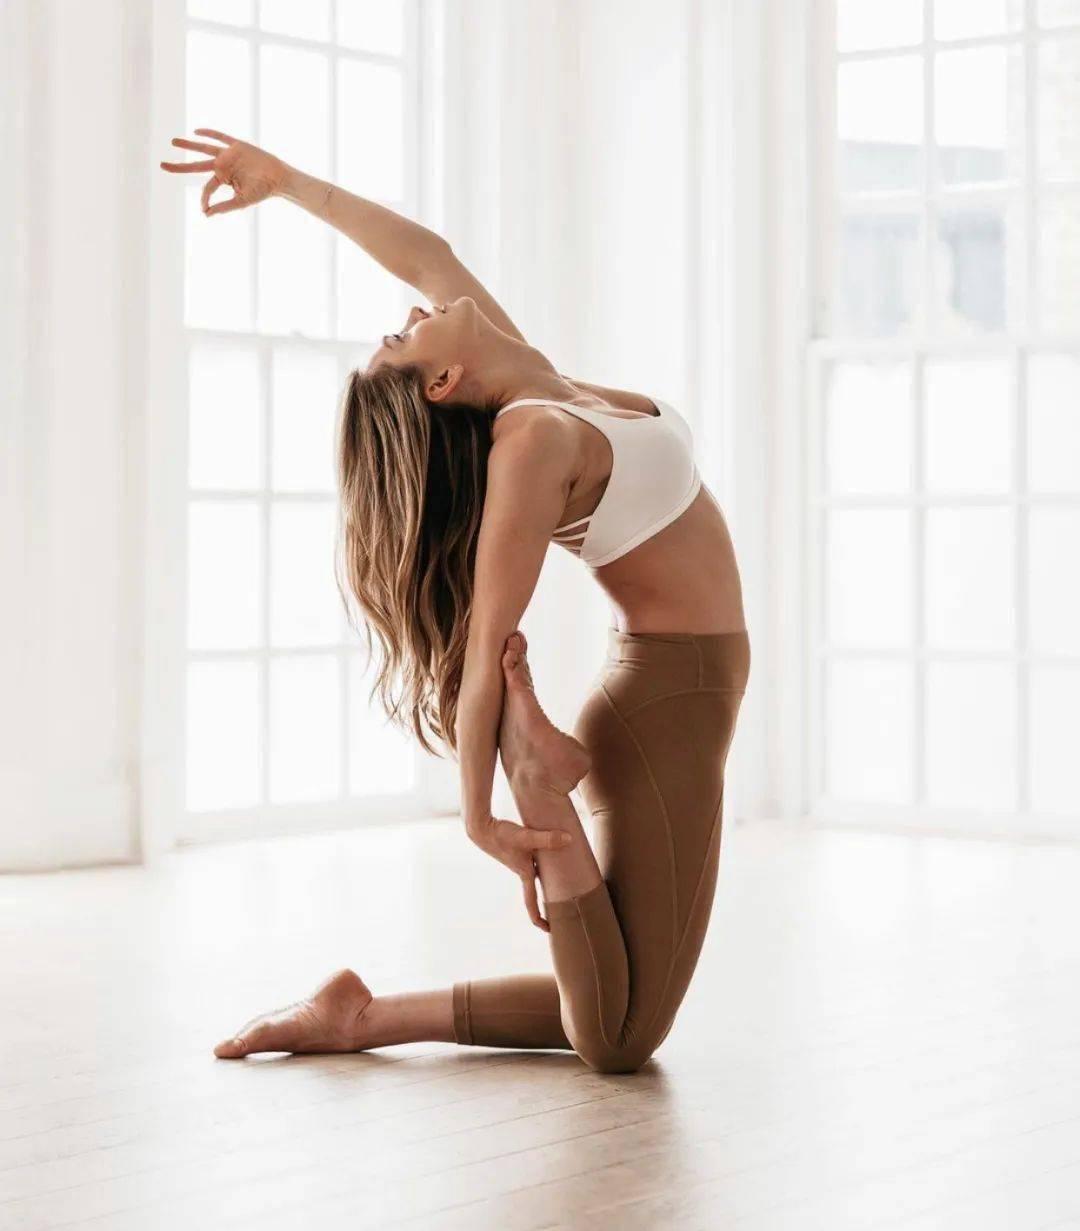 8个瑜伽扭转体式,清肠排毒,尤其适合冬季练习!